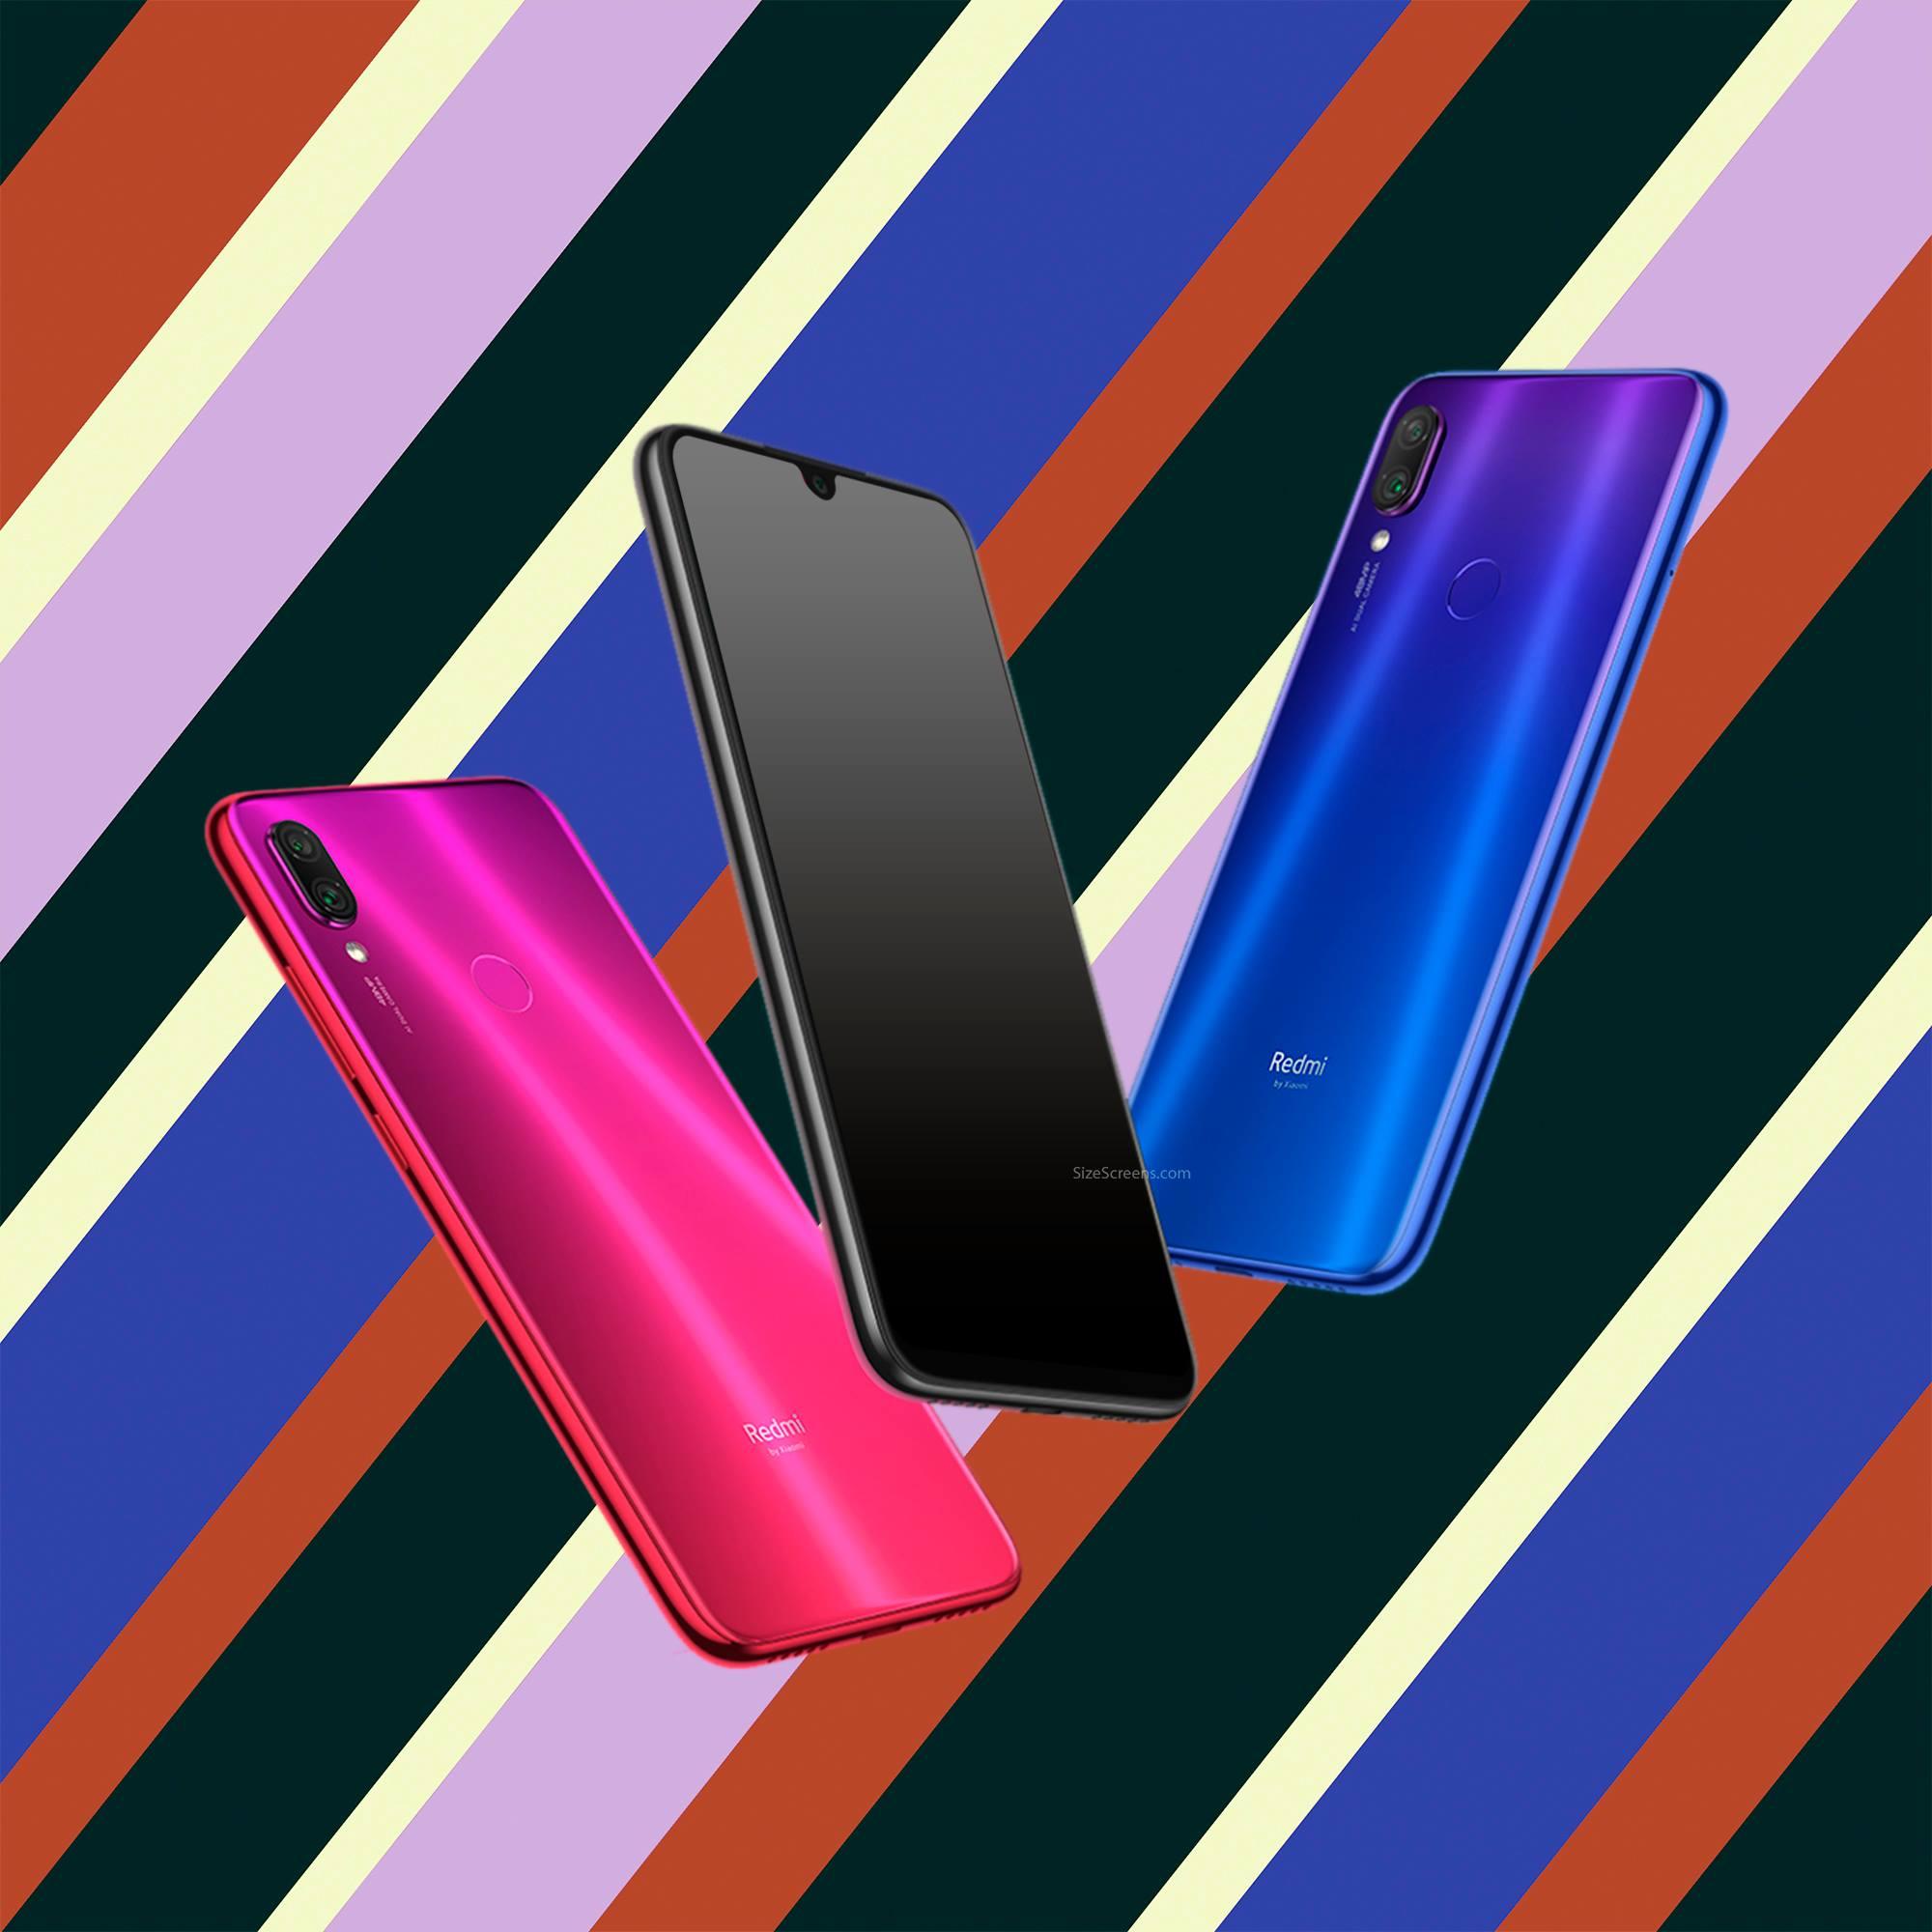 Xiaomi Redmi Note 7 Pro Screen Specifications